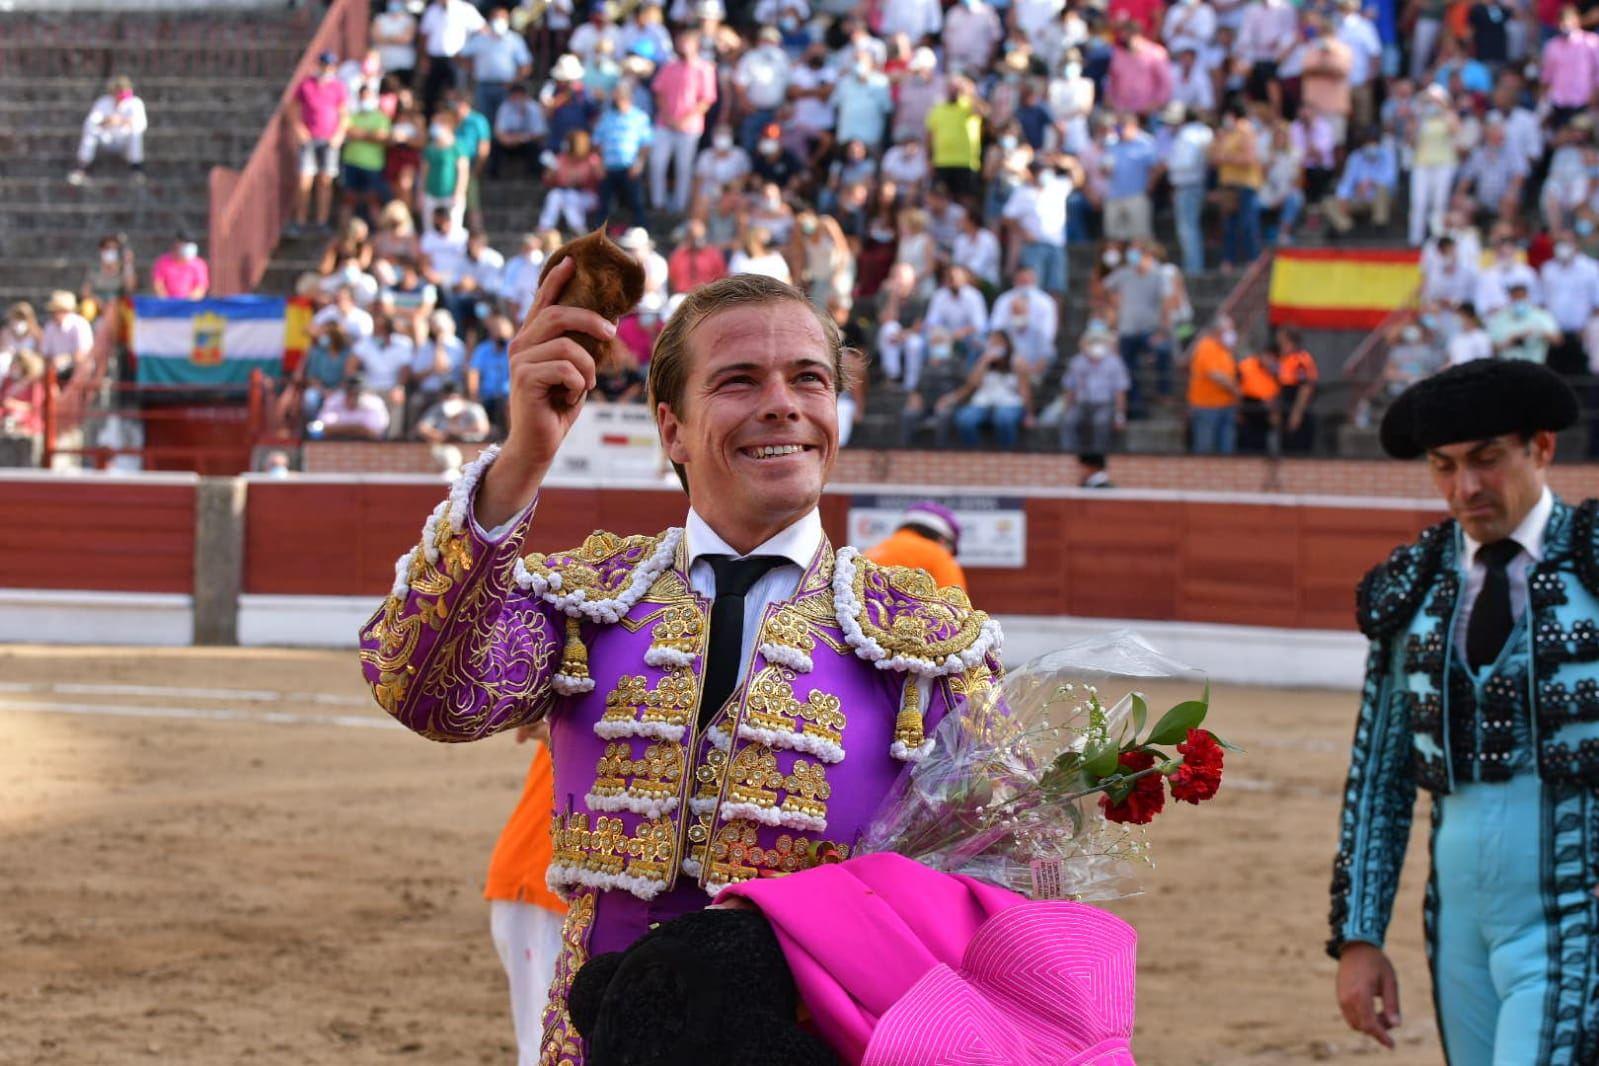 7-El-Espinar-Javier-Cortes-oreja